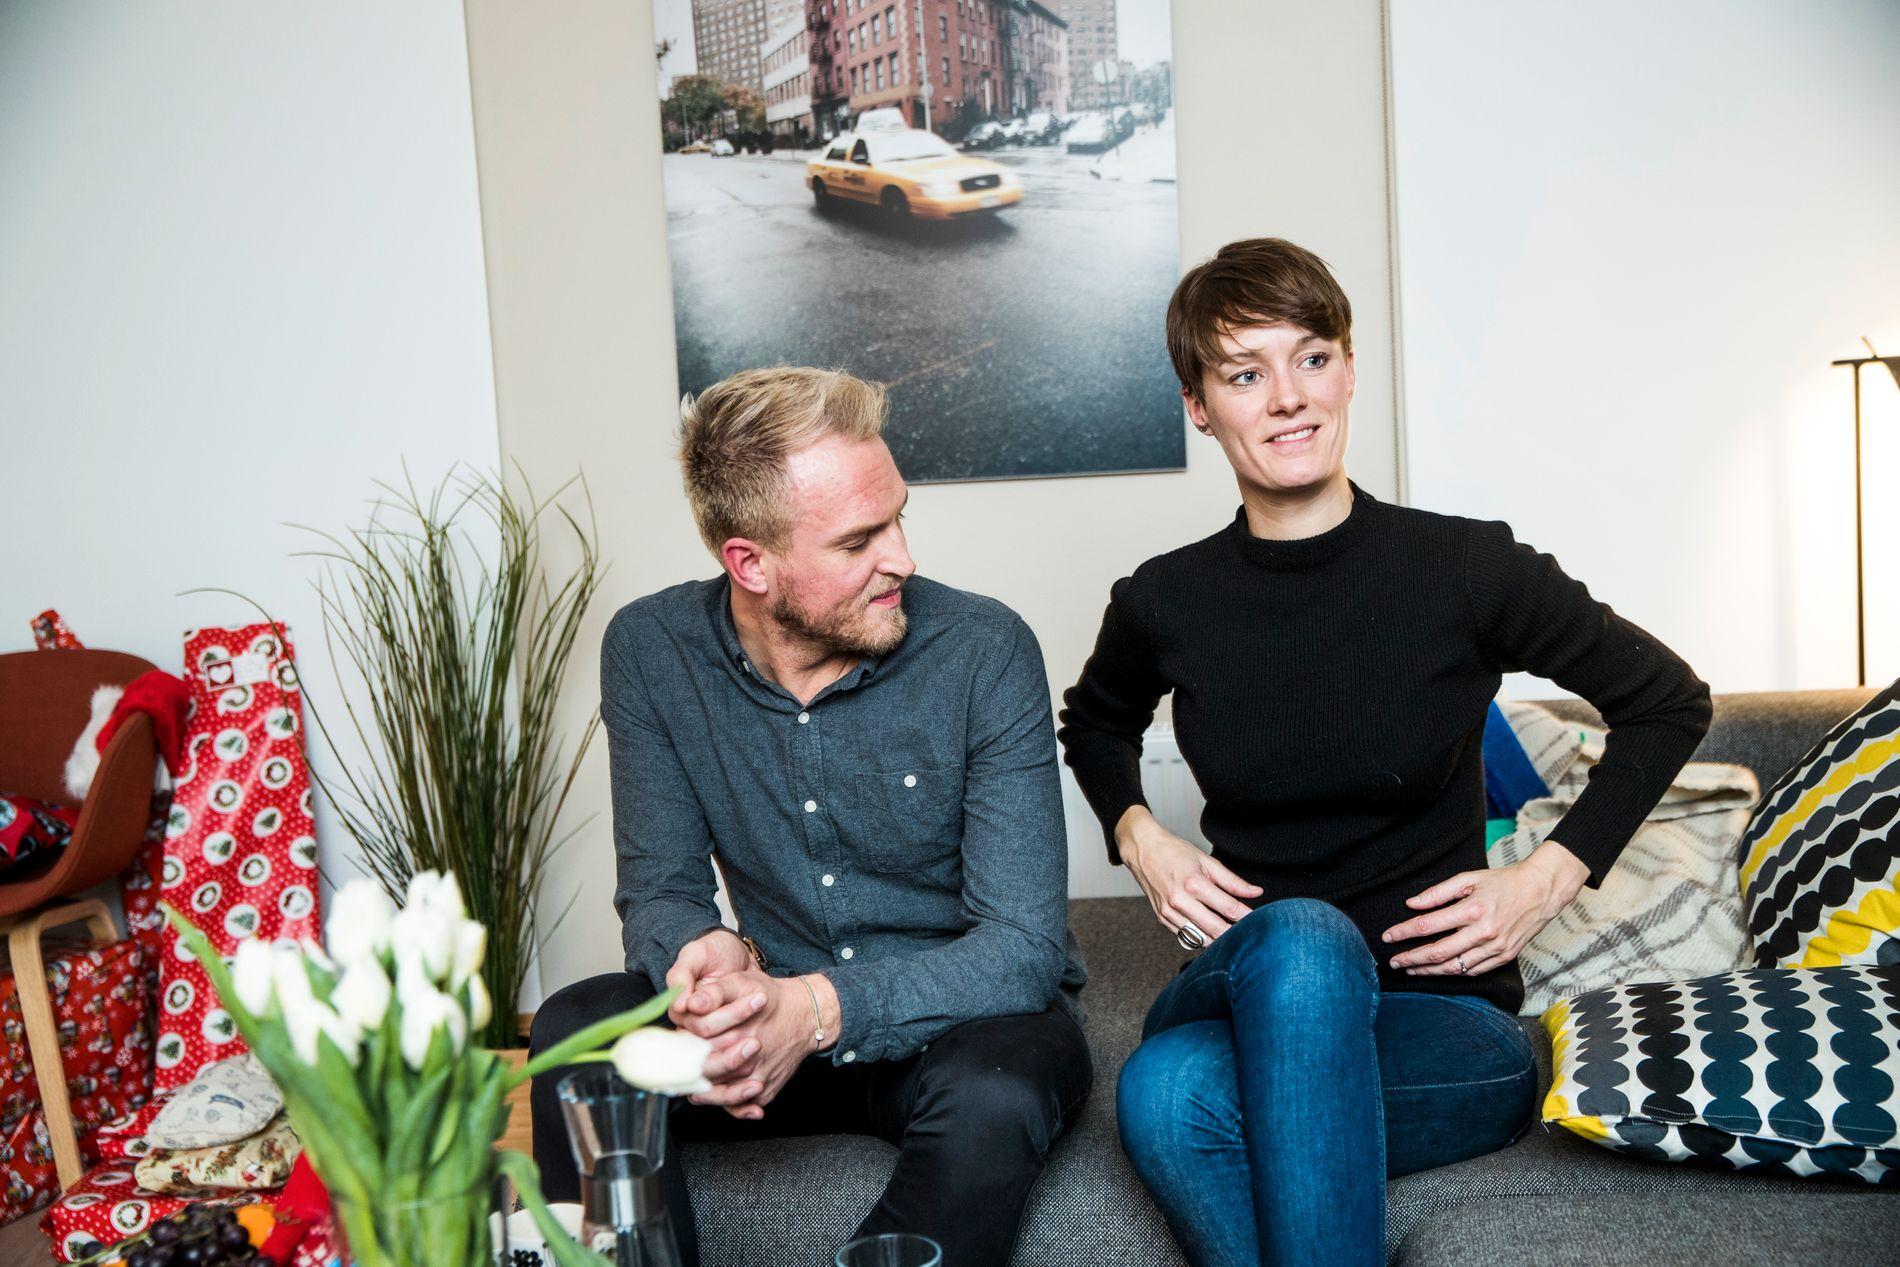 BLIR FORELDRE: Stortingsrepresentant Anette Trettebergstuen (Ap) og rådgiver Christian Berg i Kreftforeningen skal ha barn til våren 2017. Her hjemme i Trettebergstuen sin stortingsleilighet i Oslo.